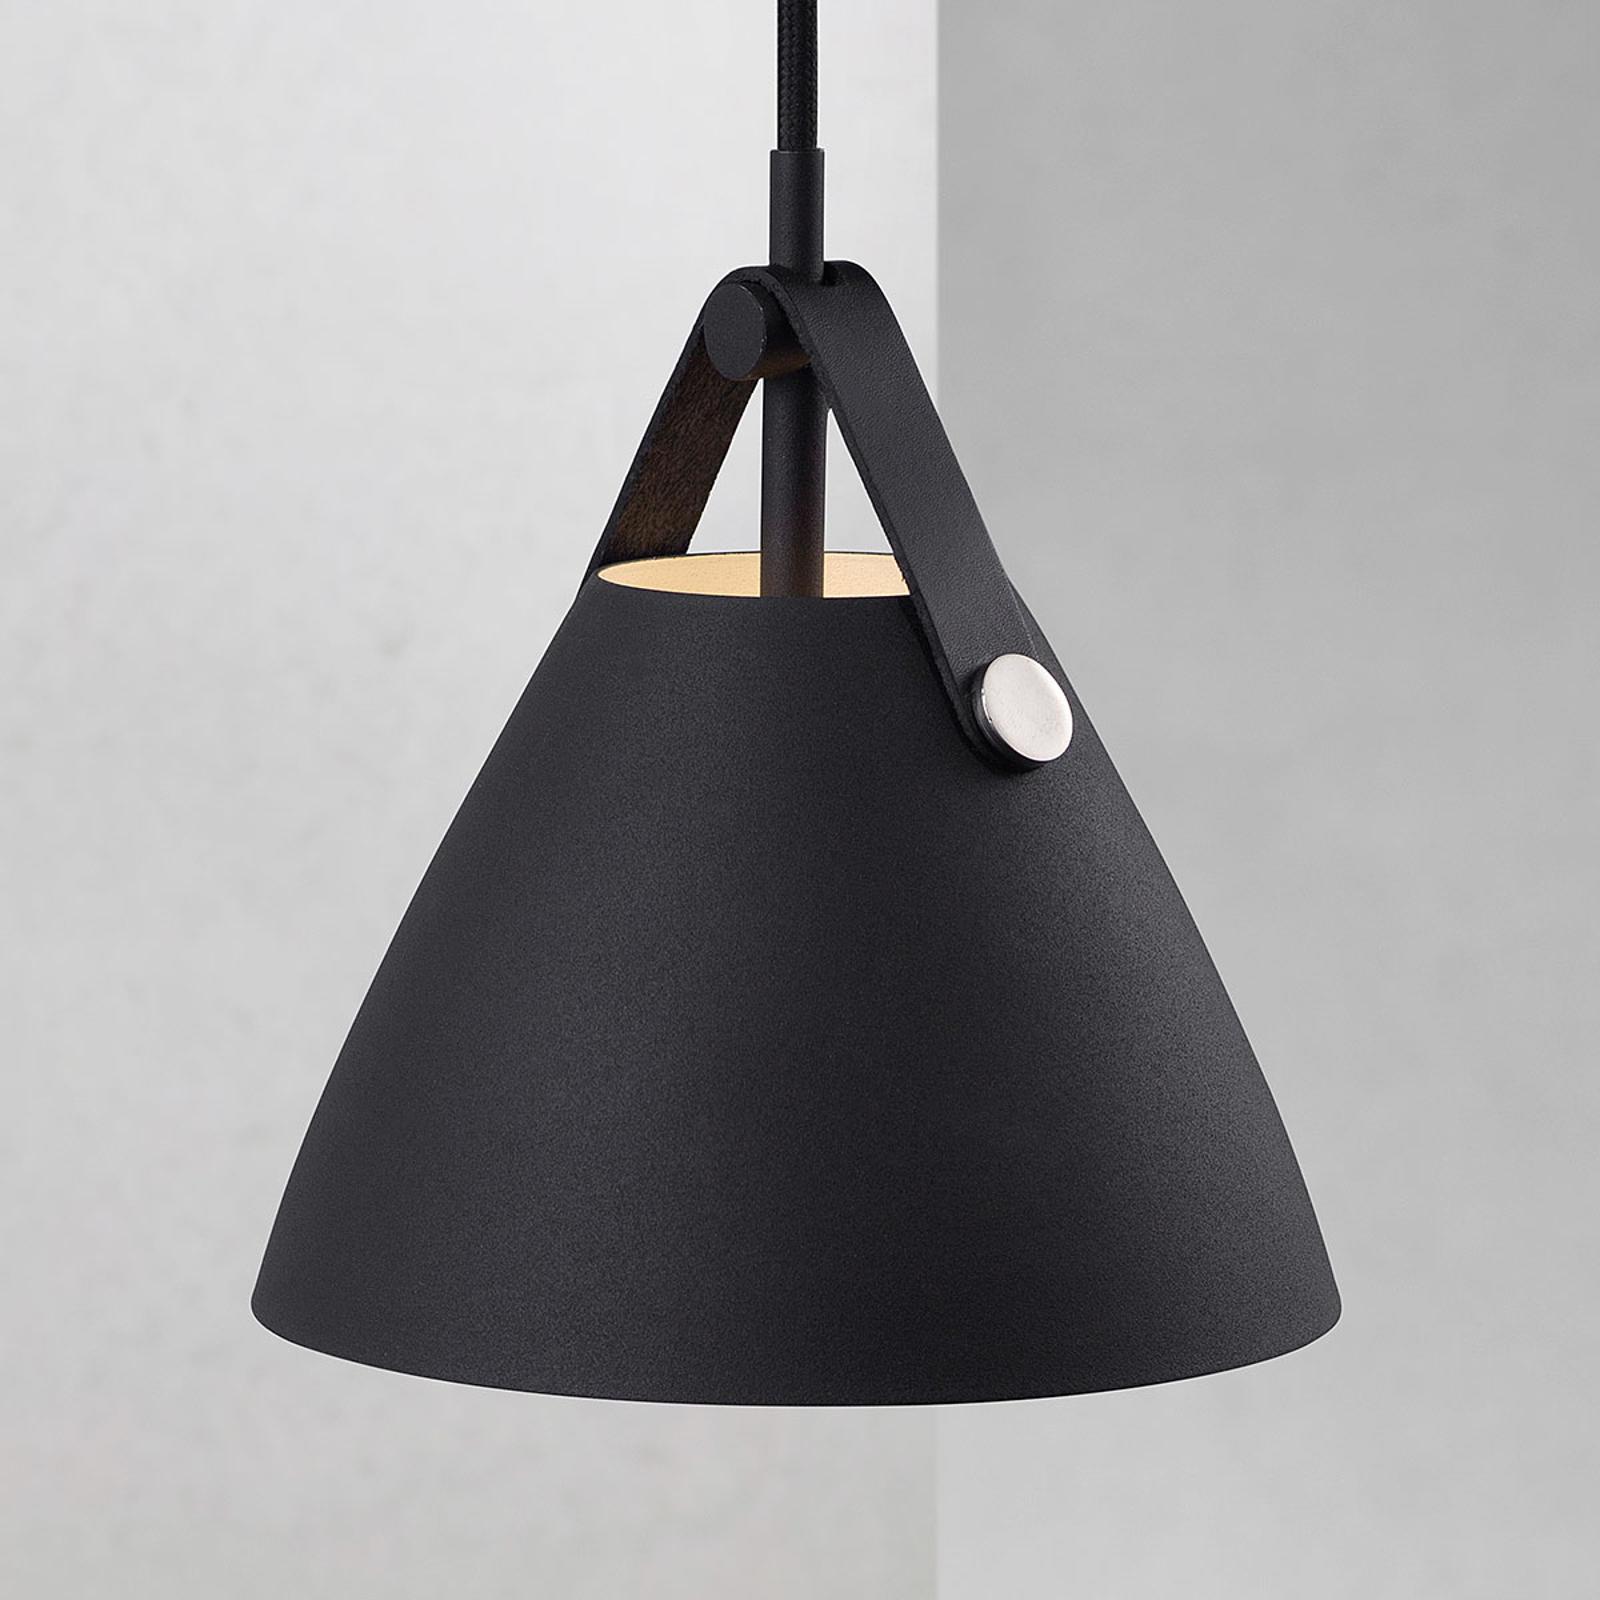 Závěsné světlo Strap, Ø 16,5 cm, černé